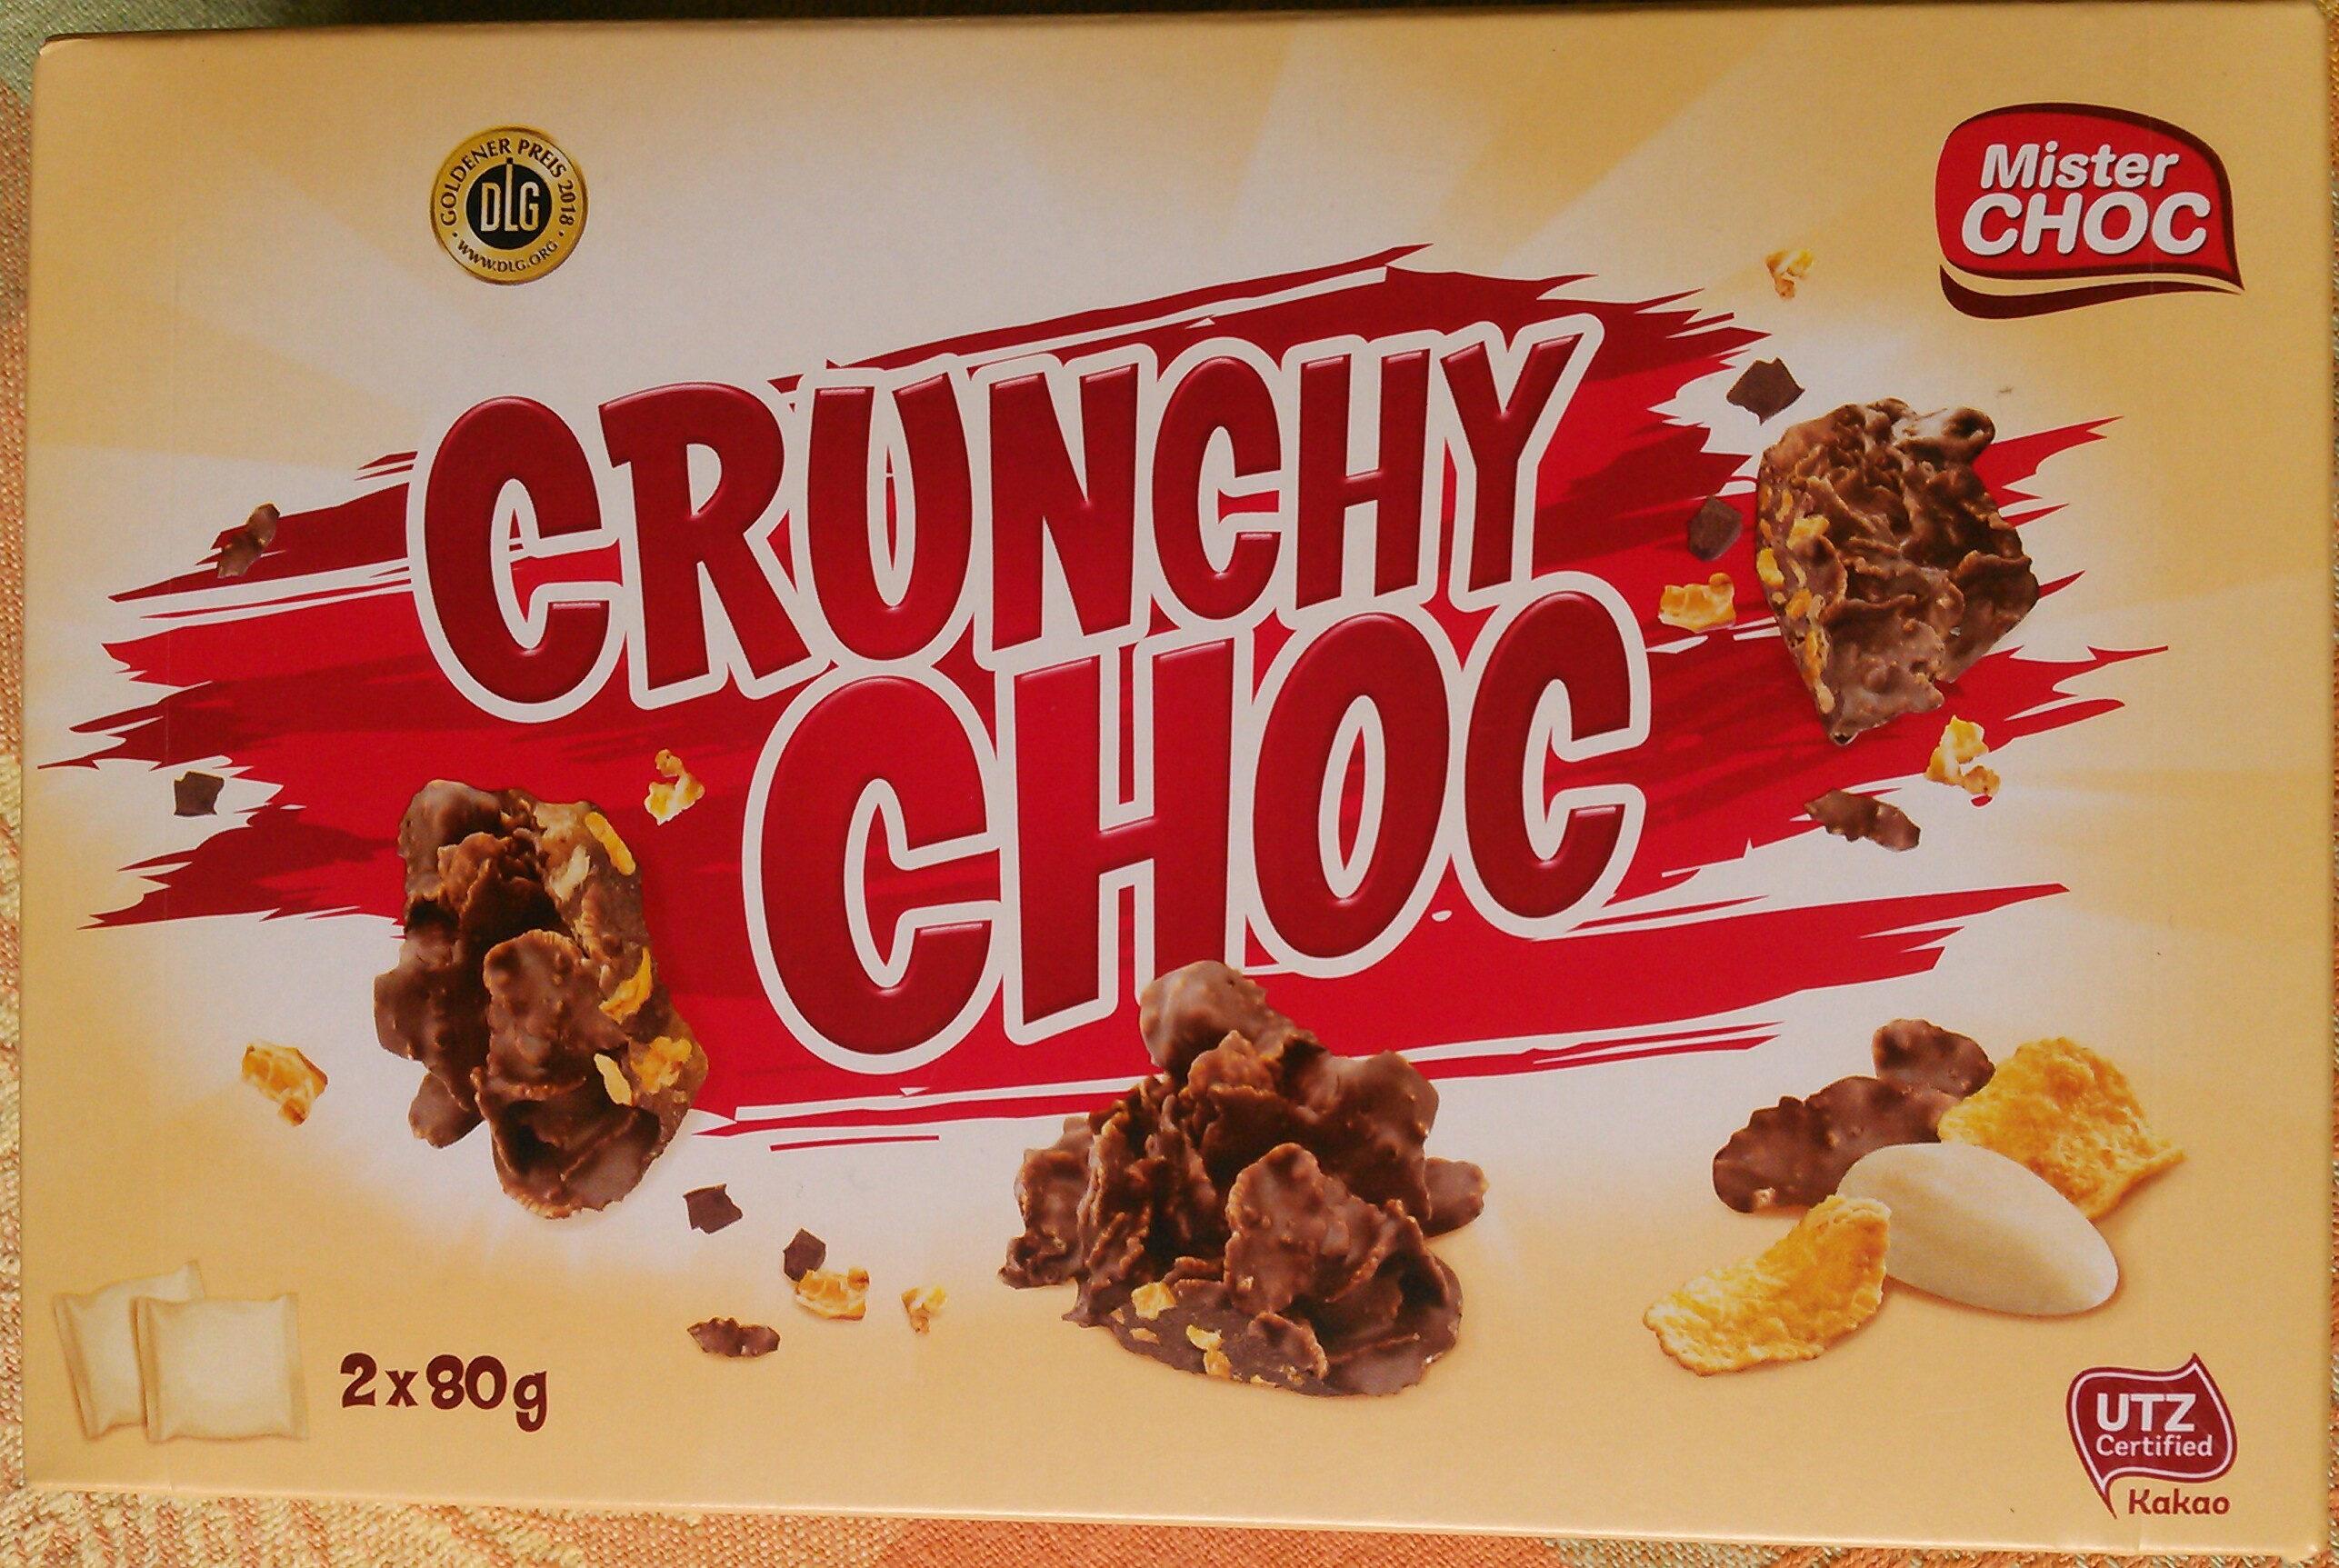 Crunchy Choc - Product - de